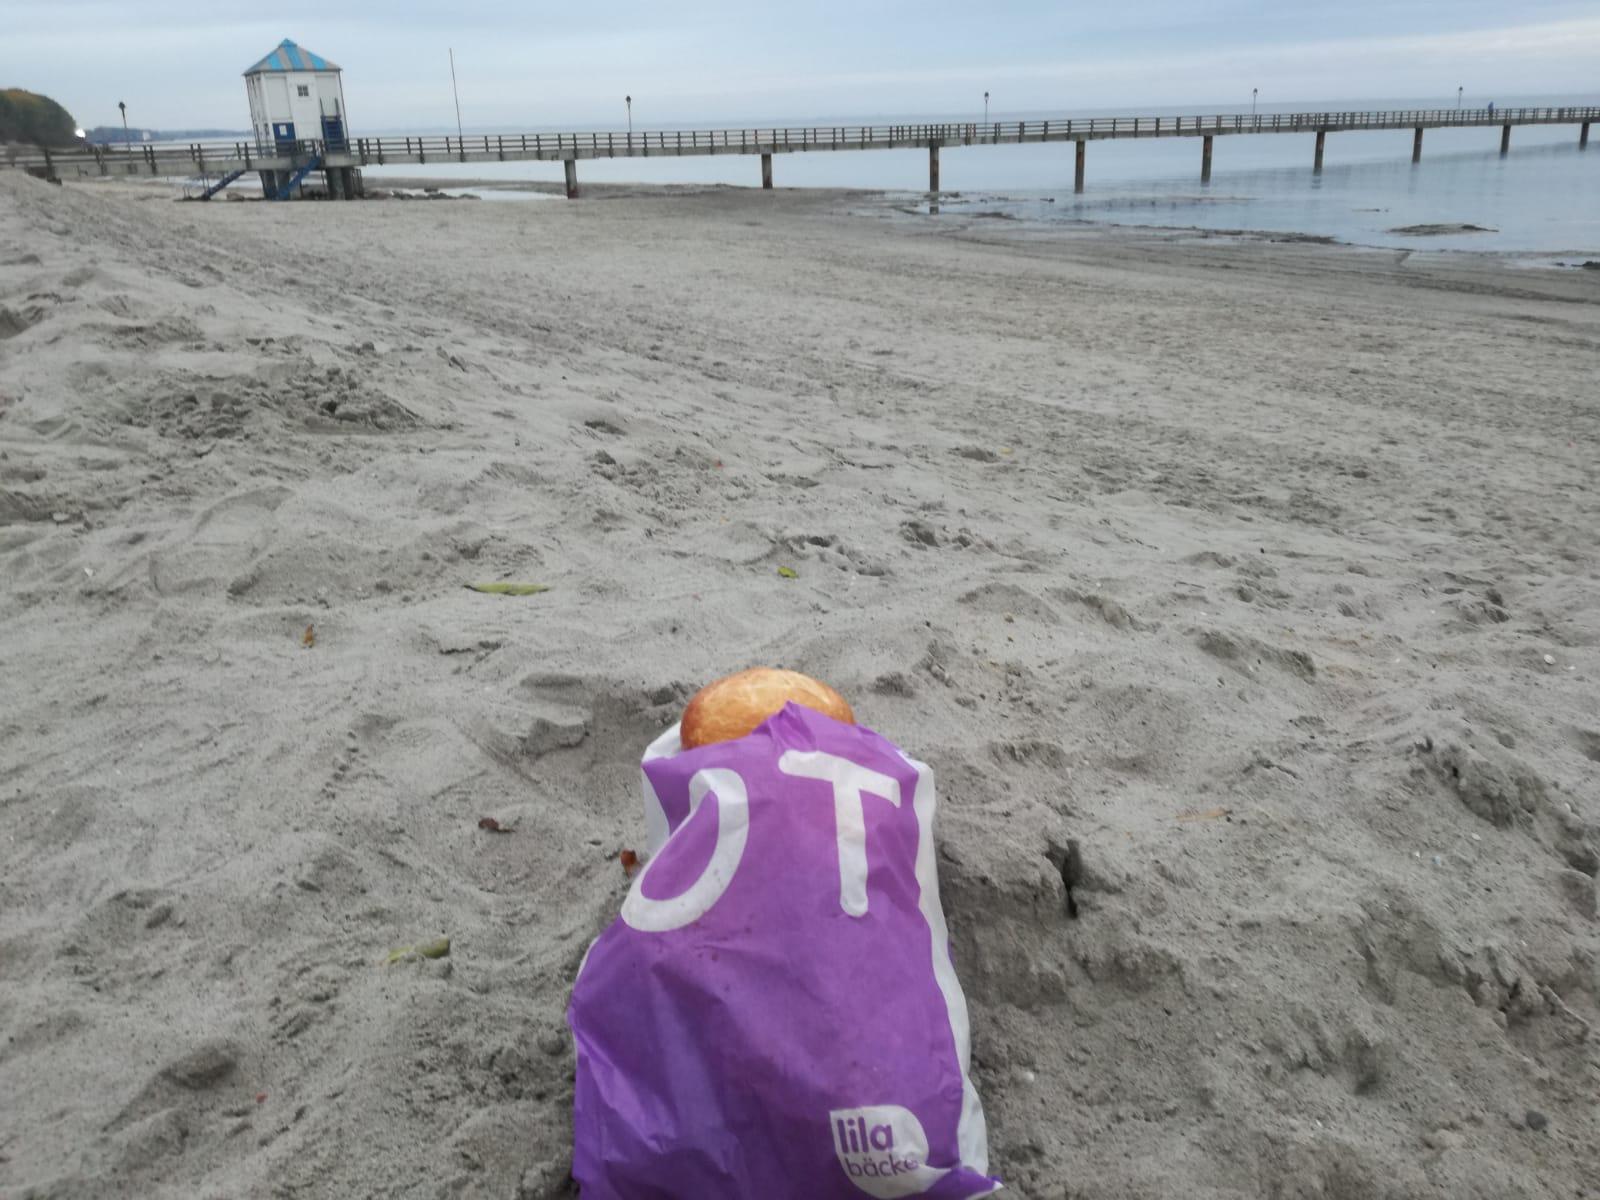 die Brötchentüte am Strand